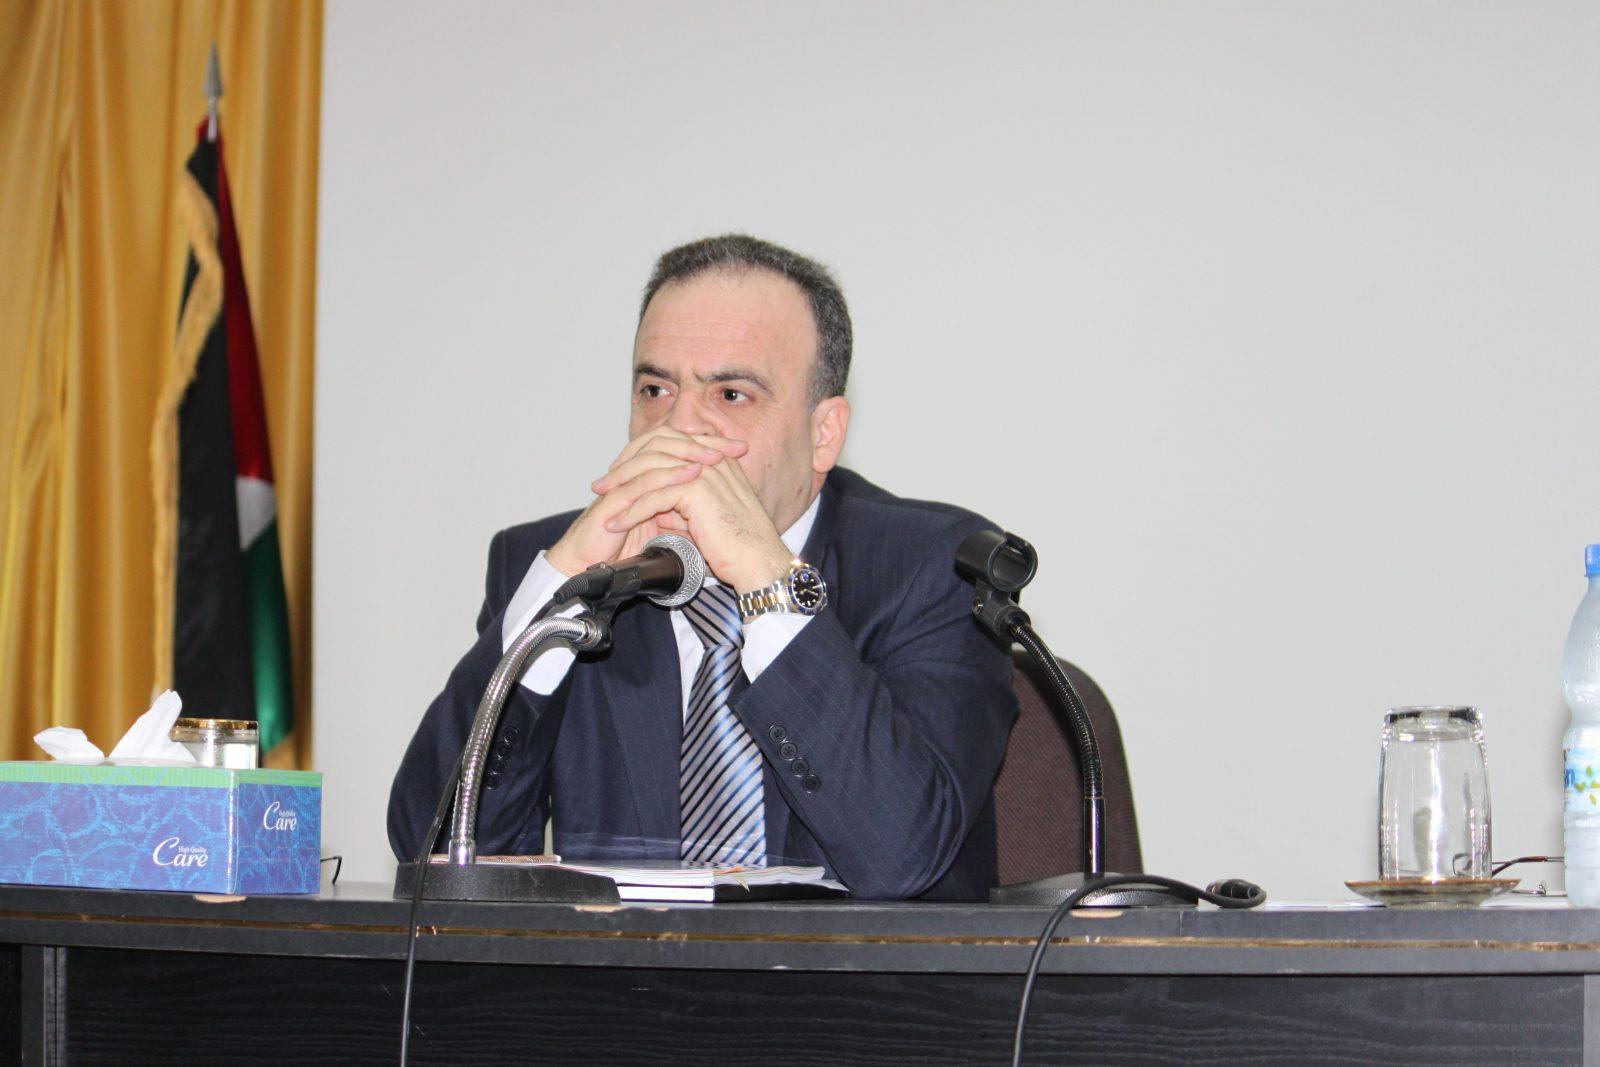 صناعيو دمشق يطالبون وزارة الكهرباء بتخفيض التقنين وتحديد مواعيده